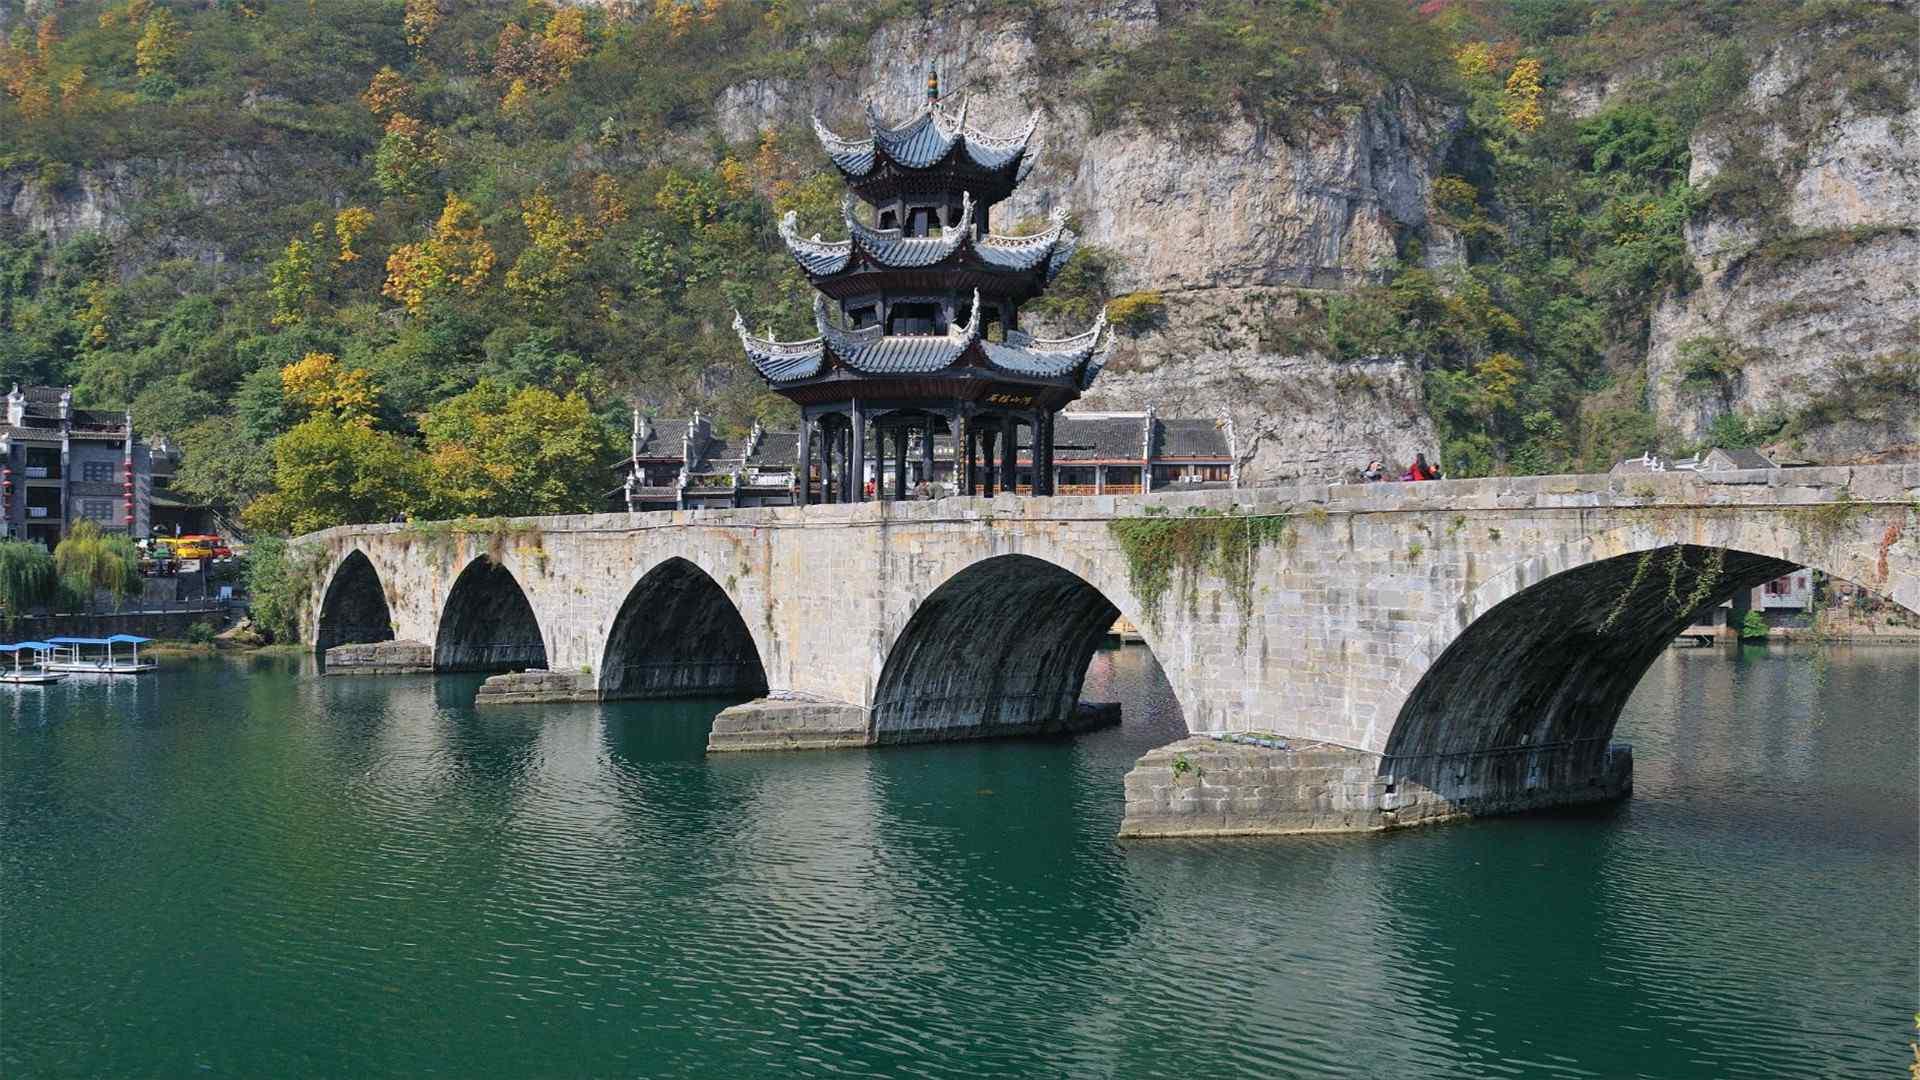 贵州旅游 旅游圣地贵州高清桌面壁纸